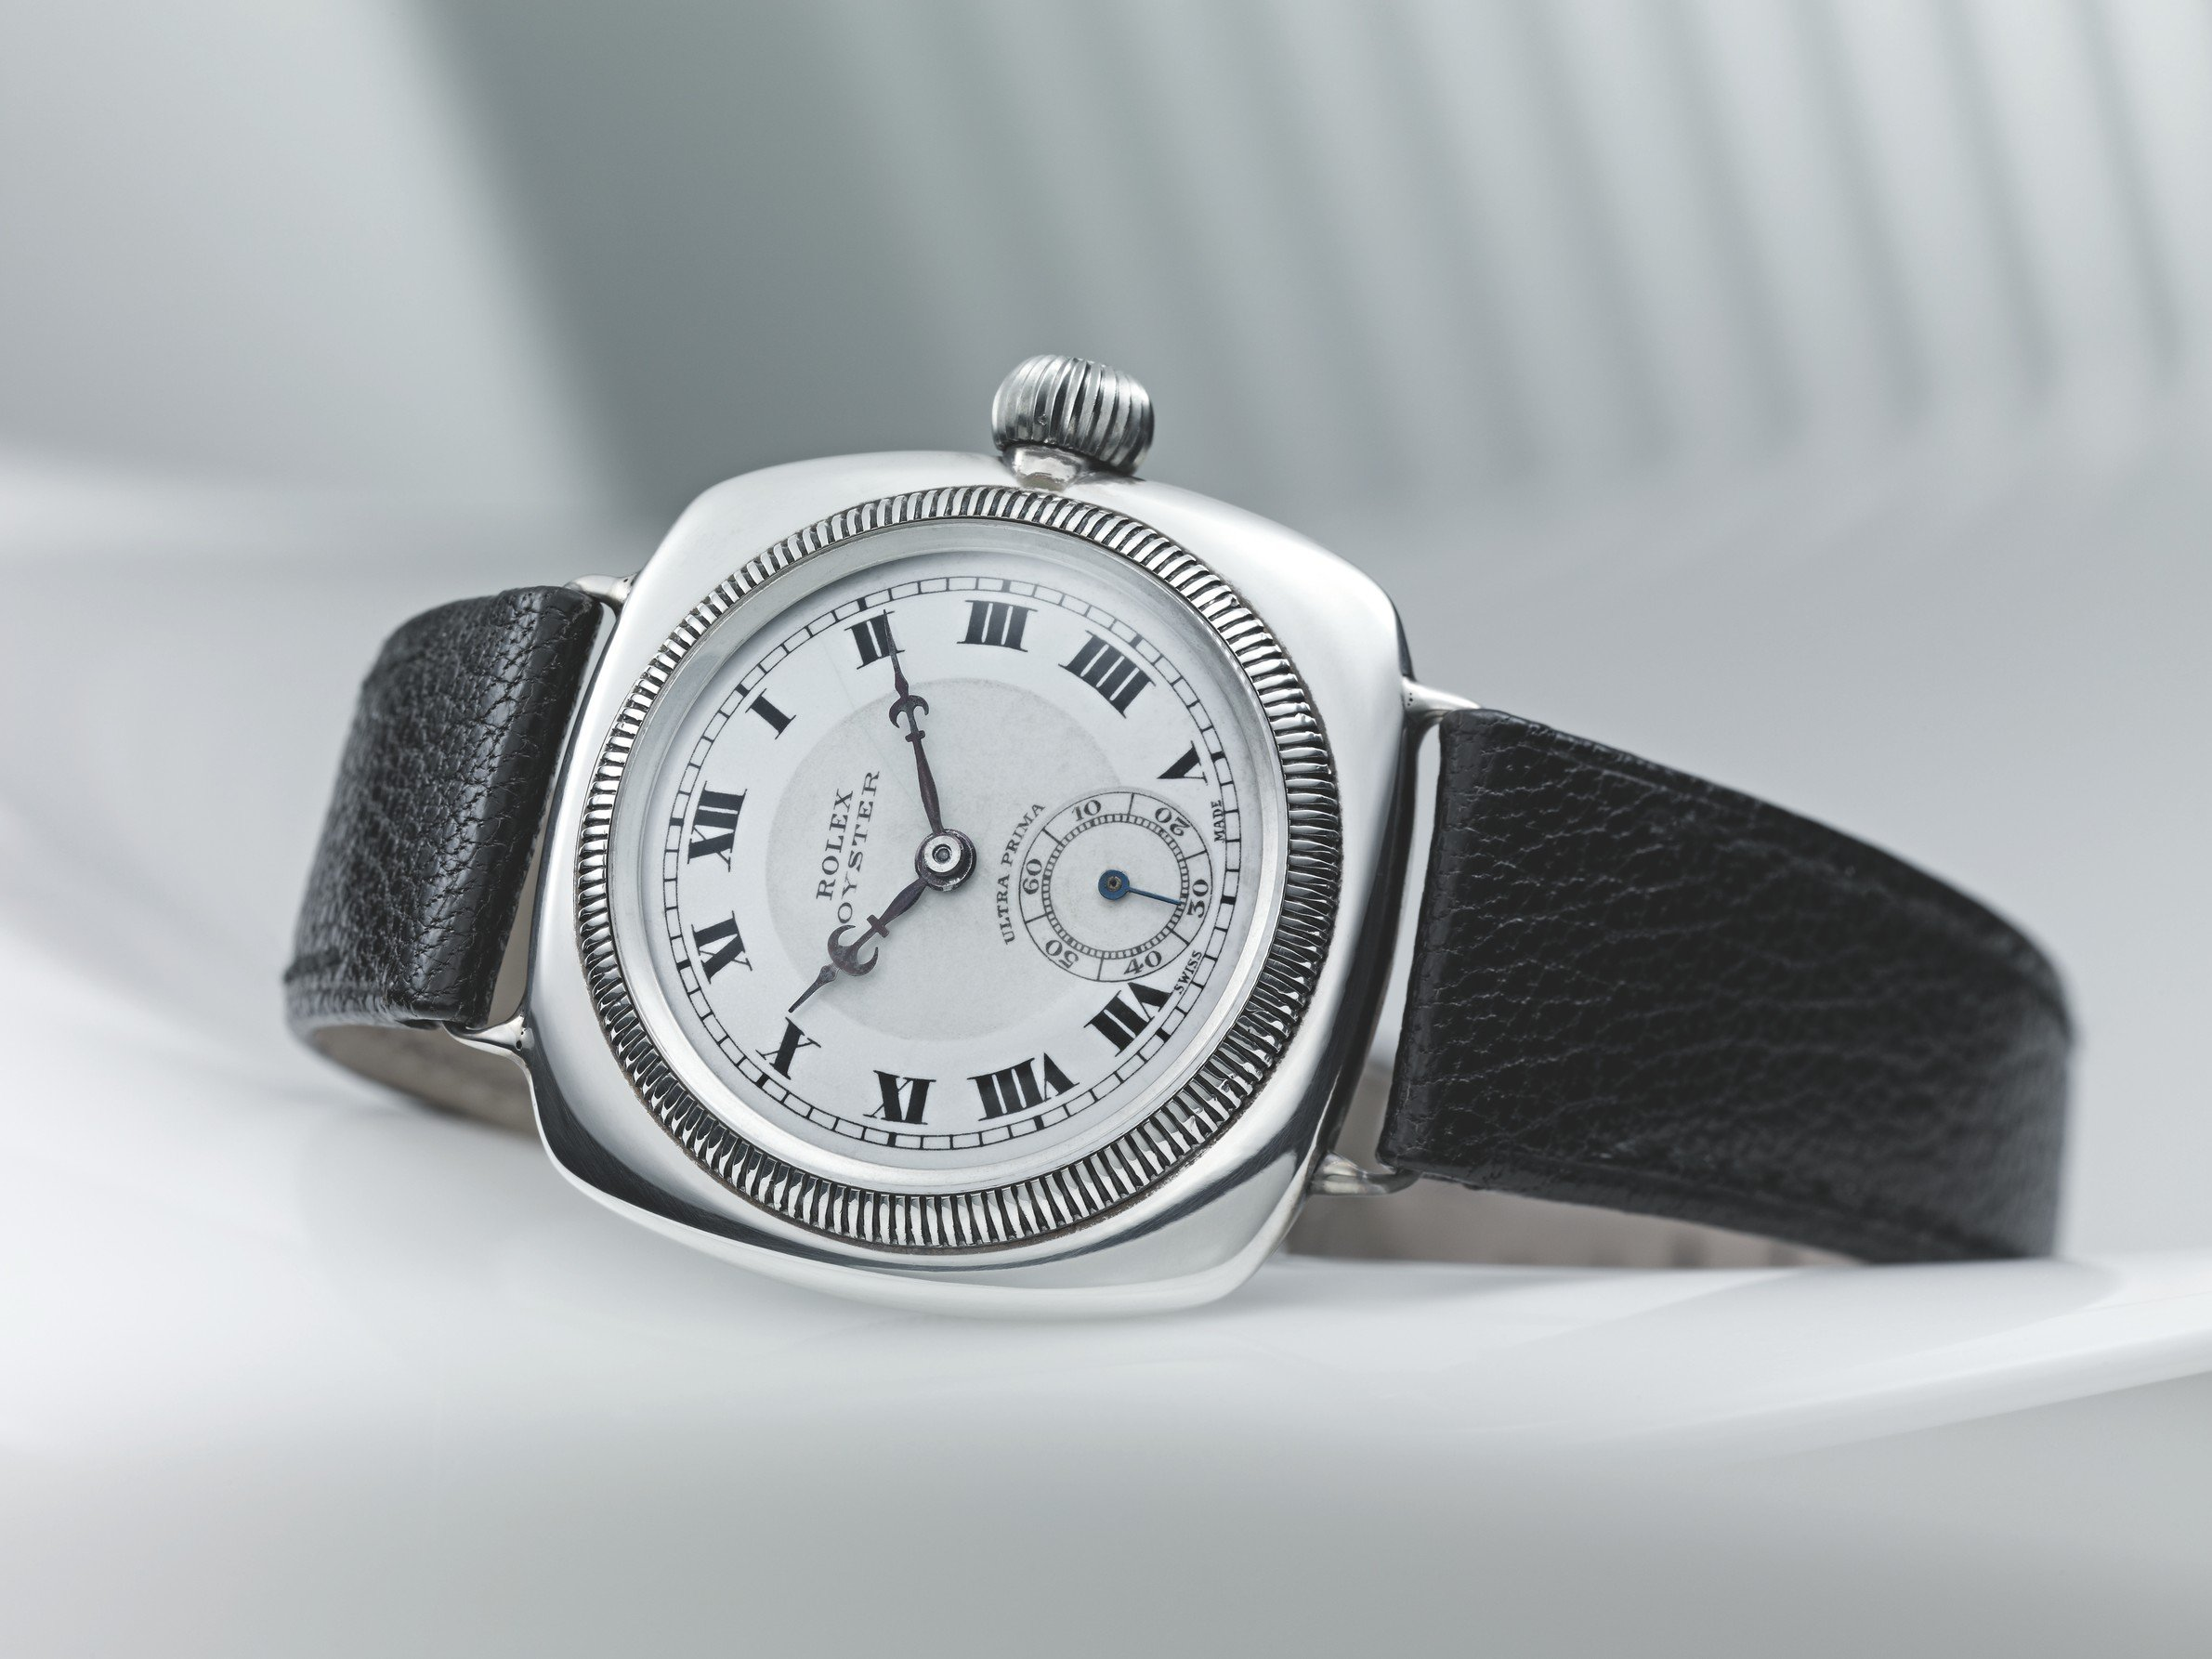 Erste-Rolex-Oyster-1926